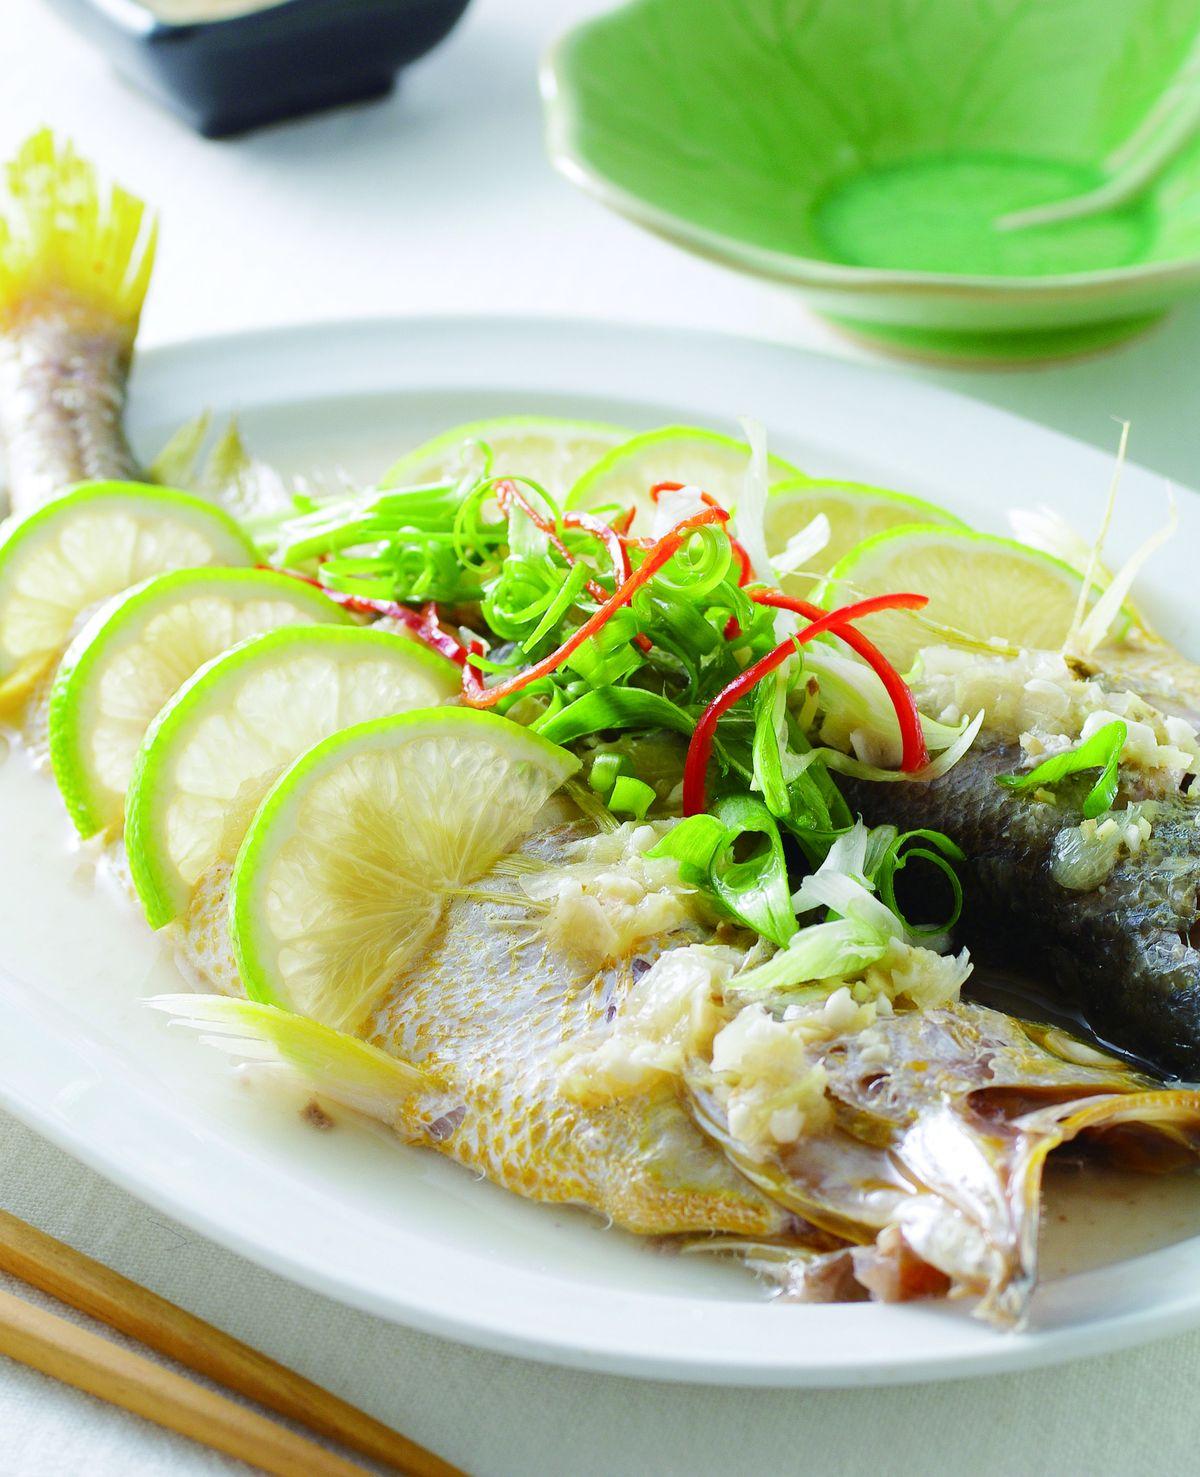 食譜:檸檬蒸黃魚